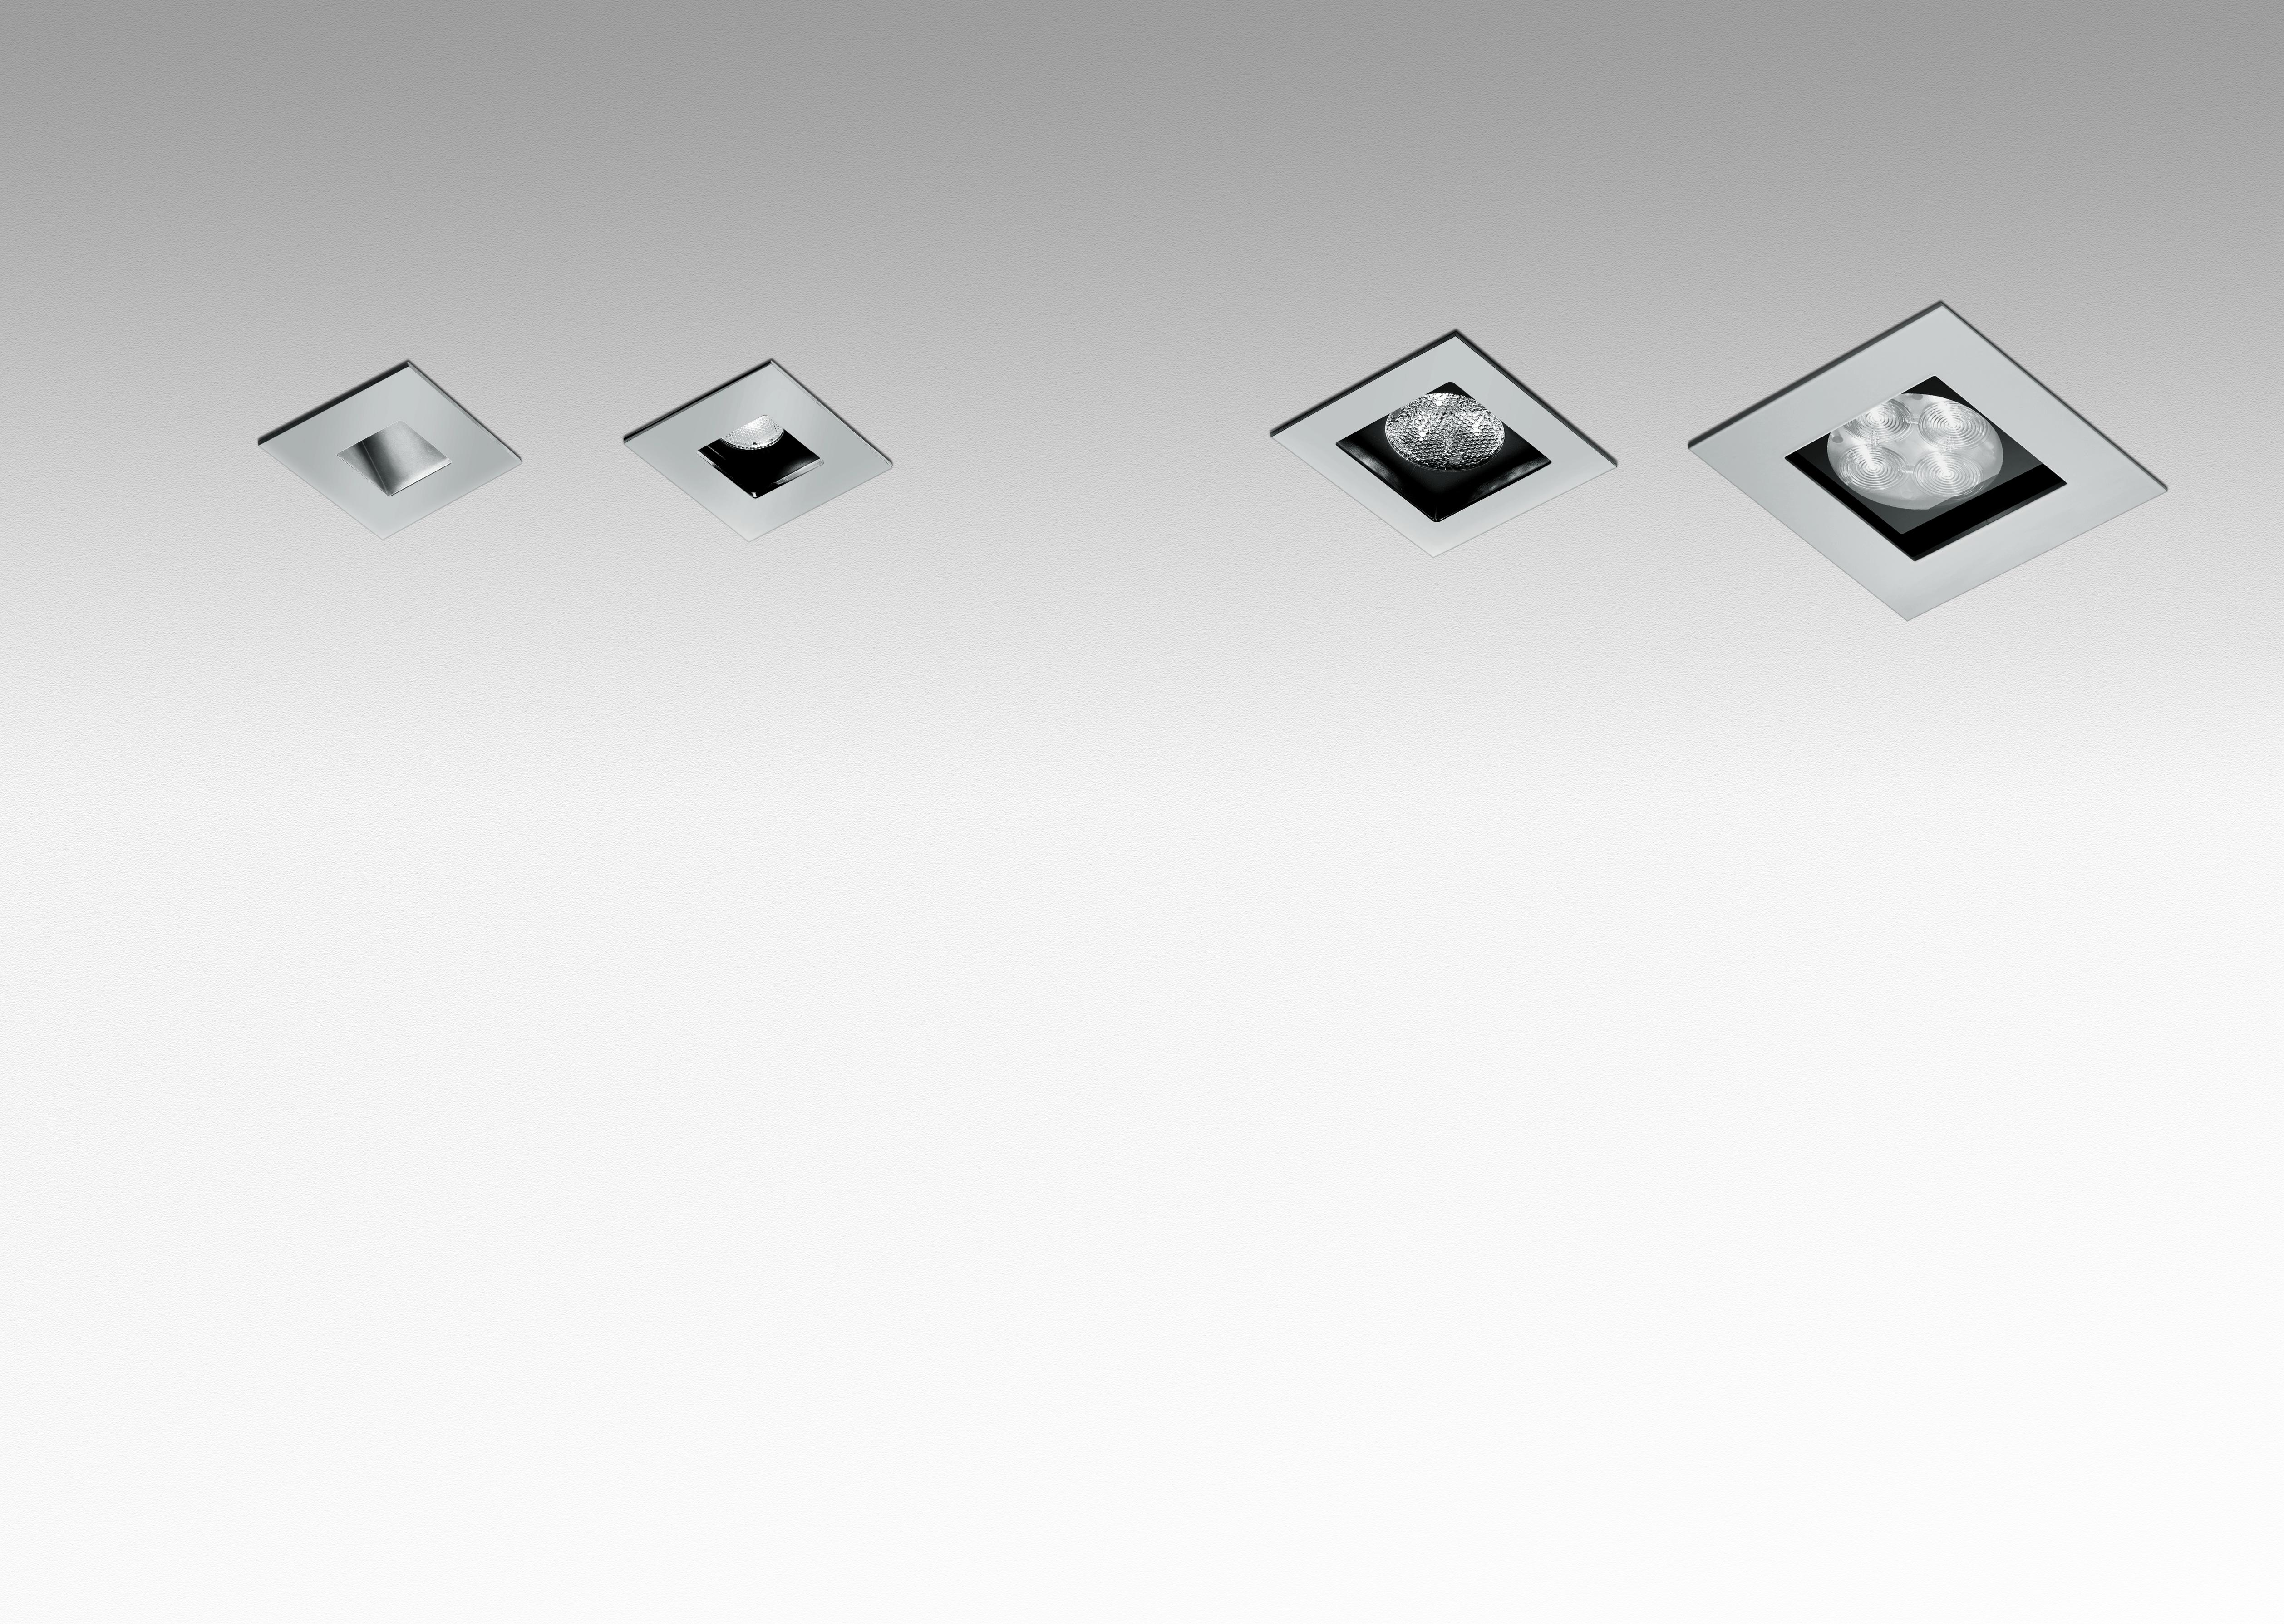 """Gli apparecchi della linea """"Zeno Up"""" utilizzano LED ad alto rendimento (courtesy photo: Artemide)"""